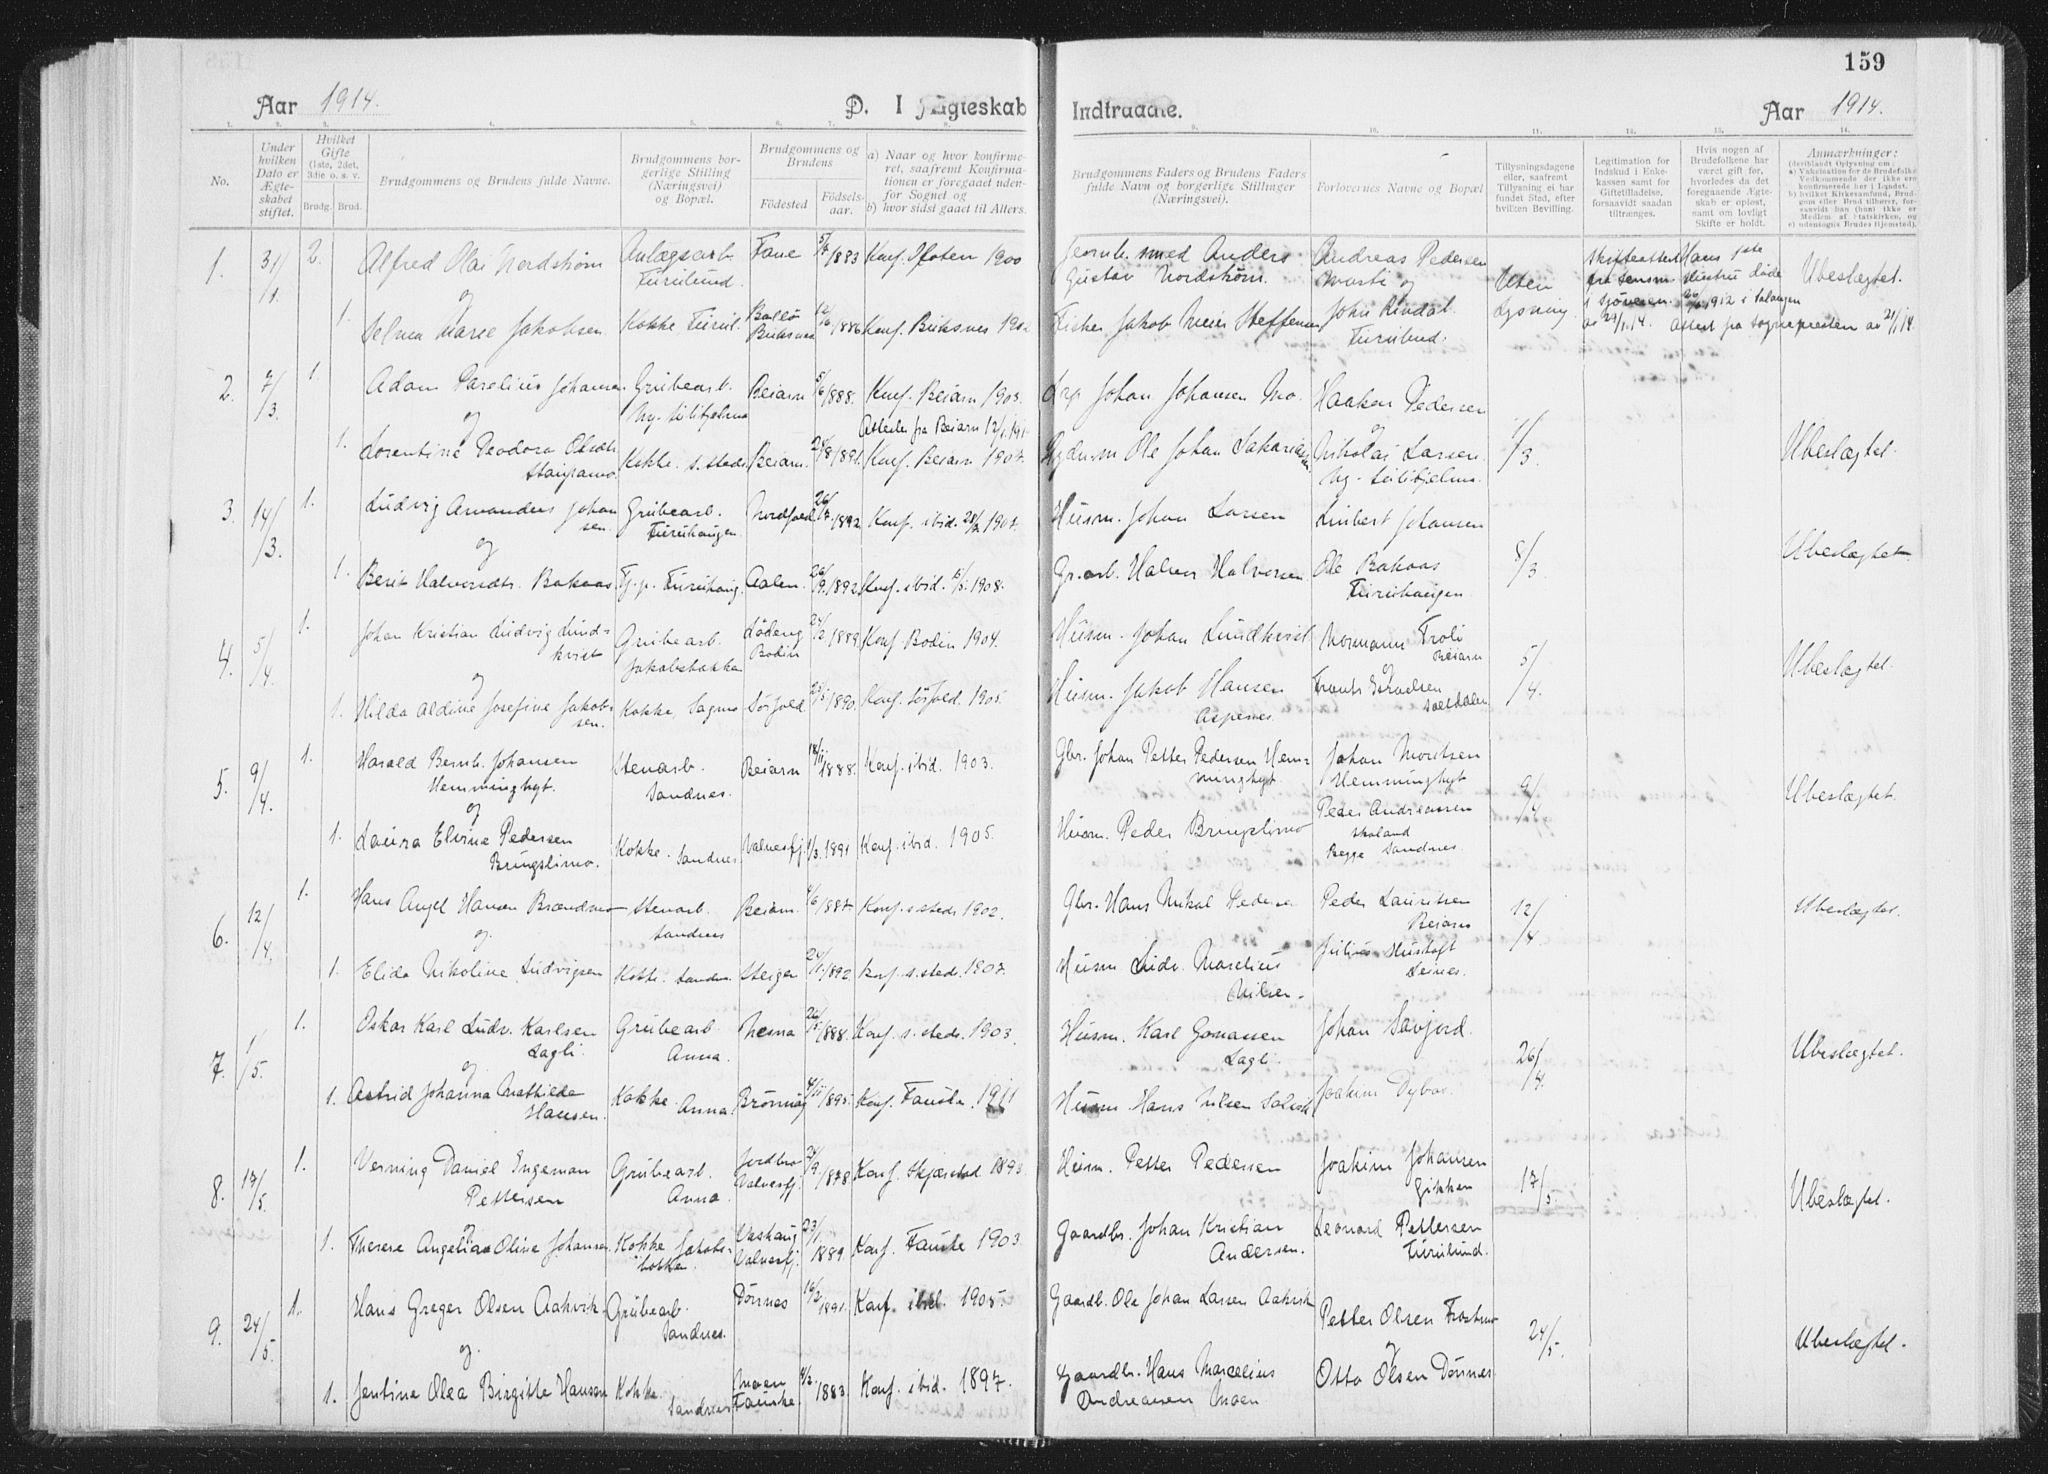 SAT, Ministerialprotokoller, klokkerbøker og fødselsregistre - Nordland, 850/L0711: Residerende kapellans bok nr. 850B01, 1902-1915, s. 159